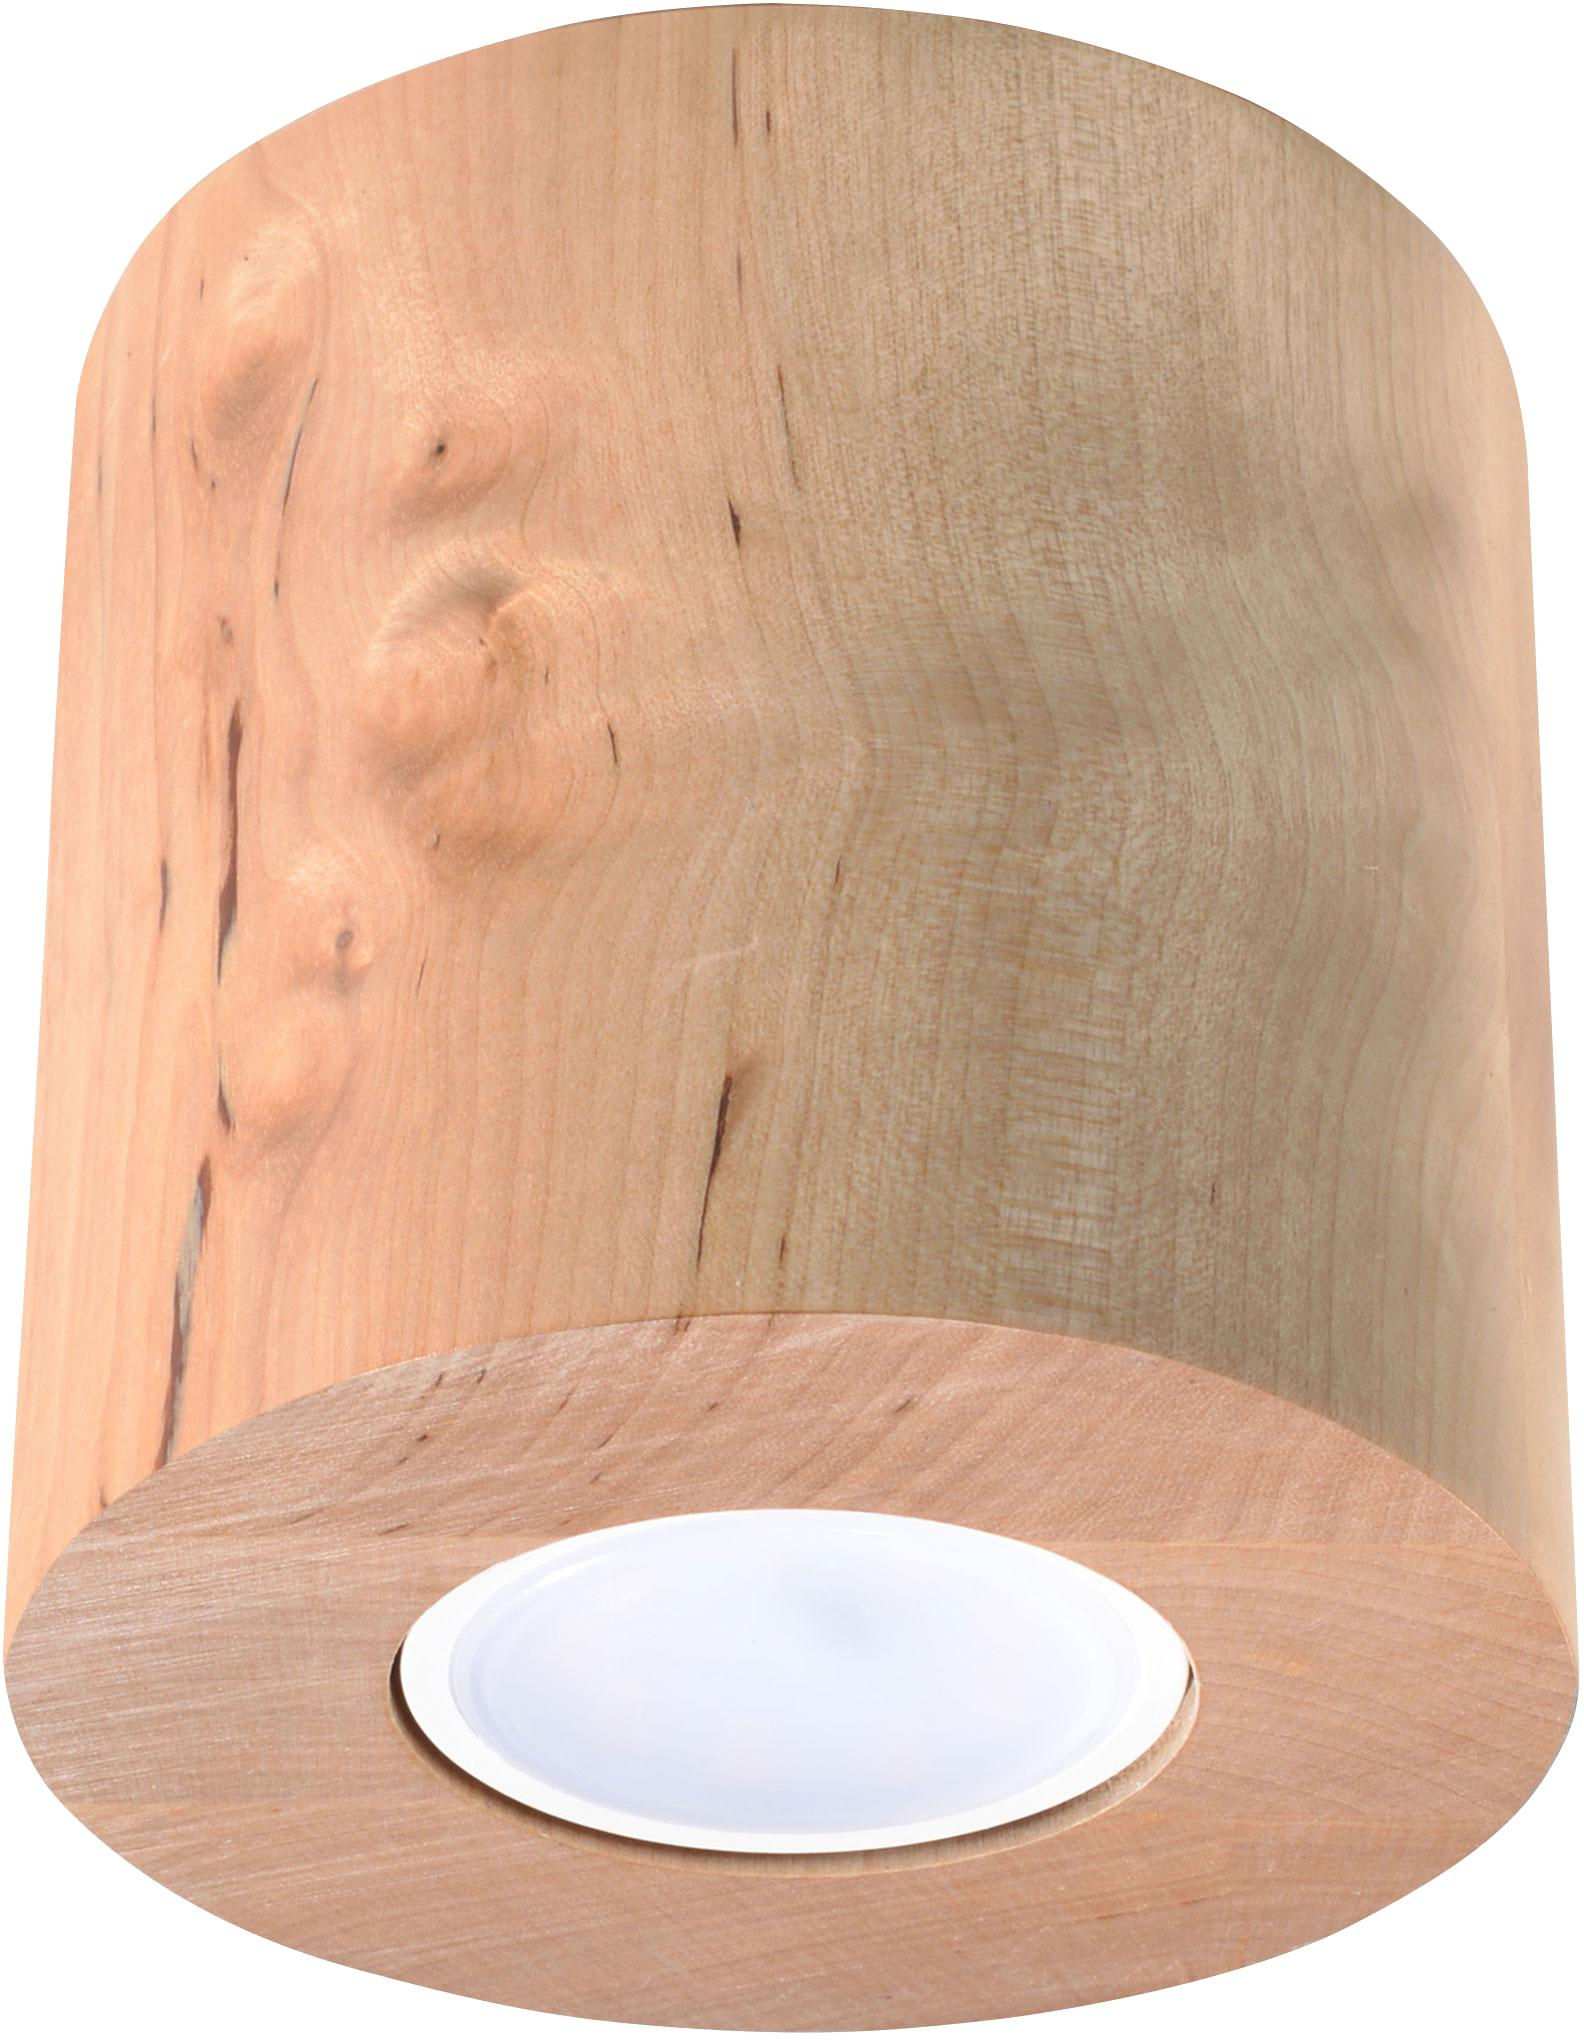 Foco de madera Roda, Beige, Ø 10 x Al 12 cm